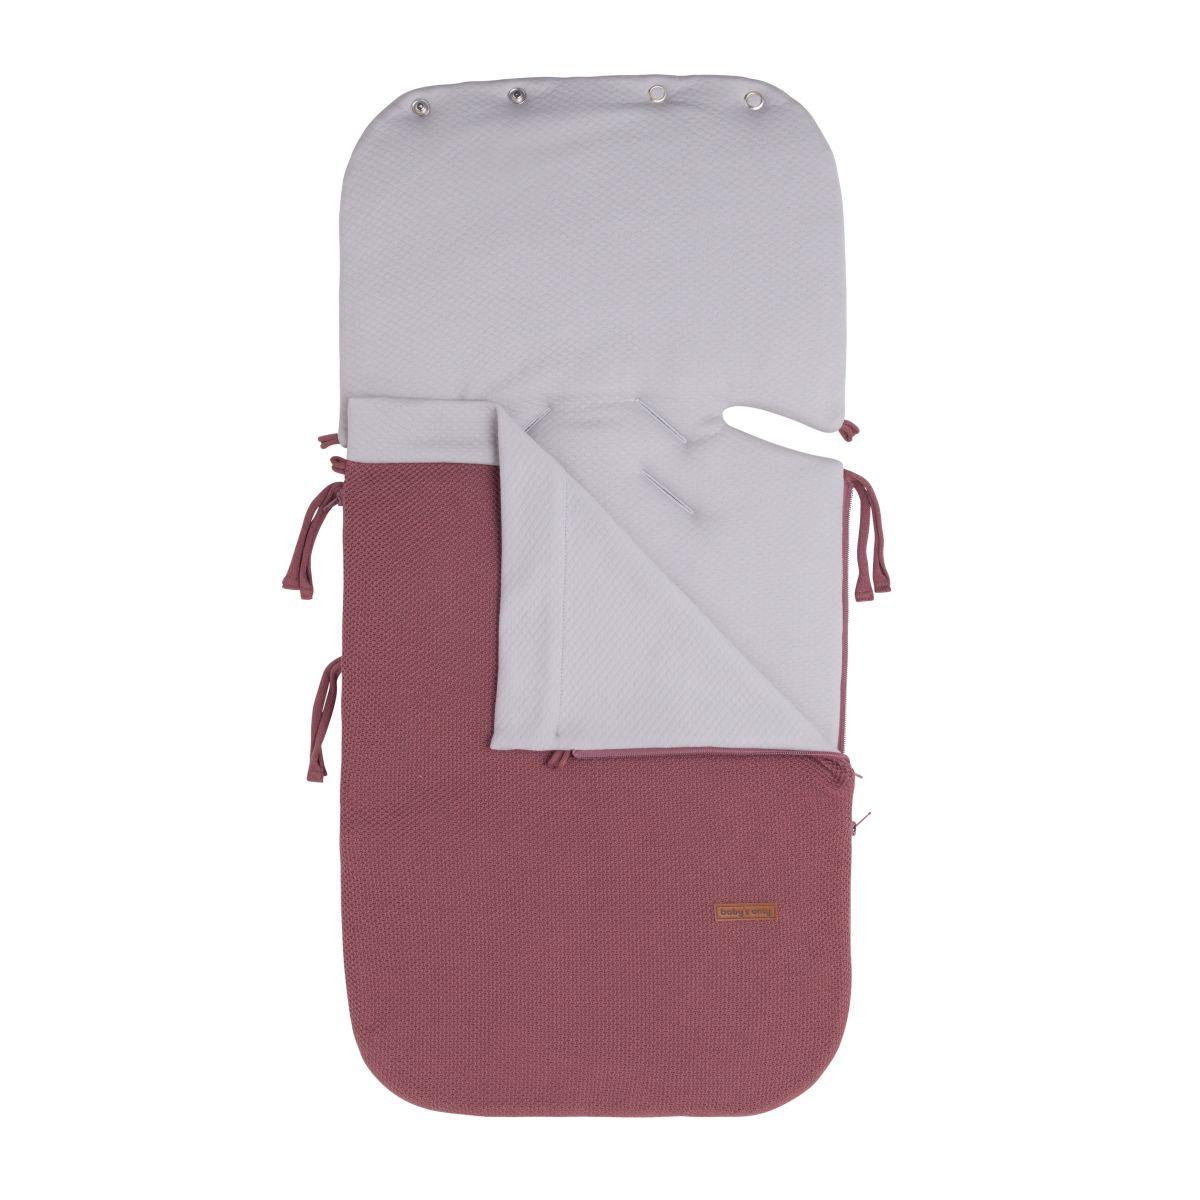 footmuff car seat 0 classic stone red